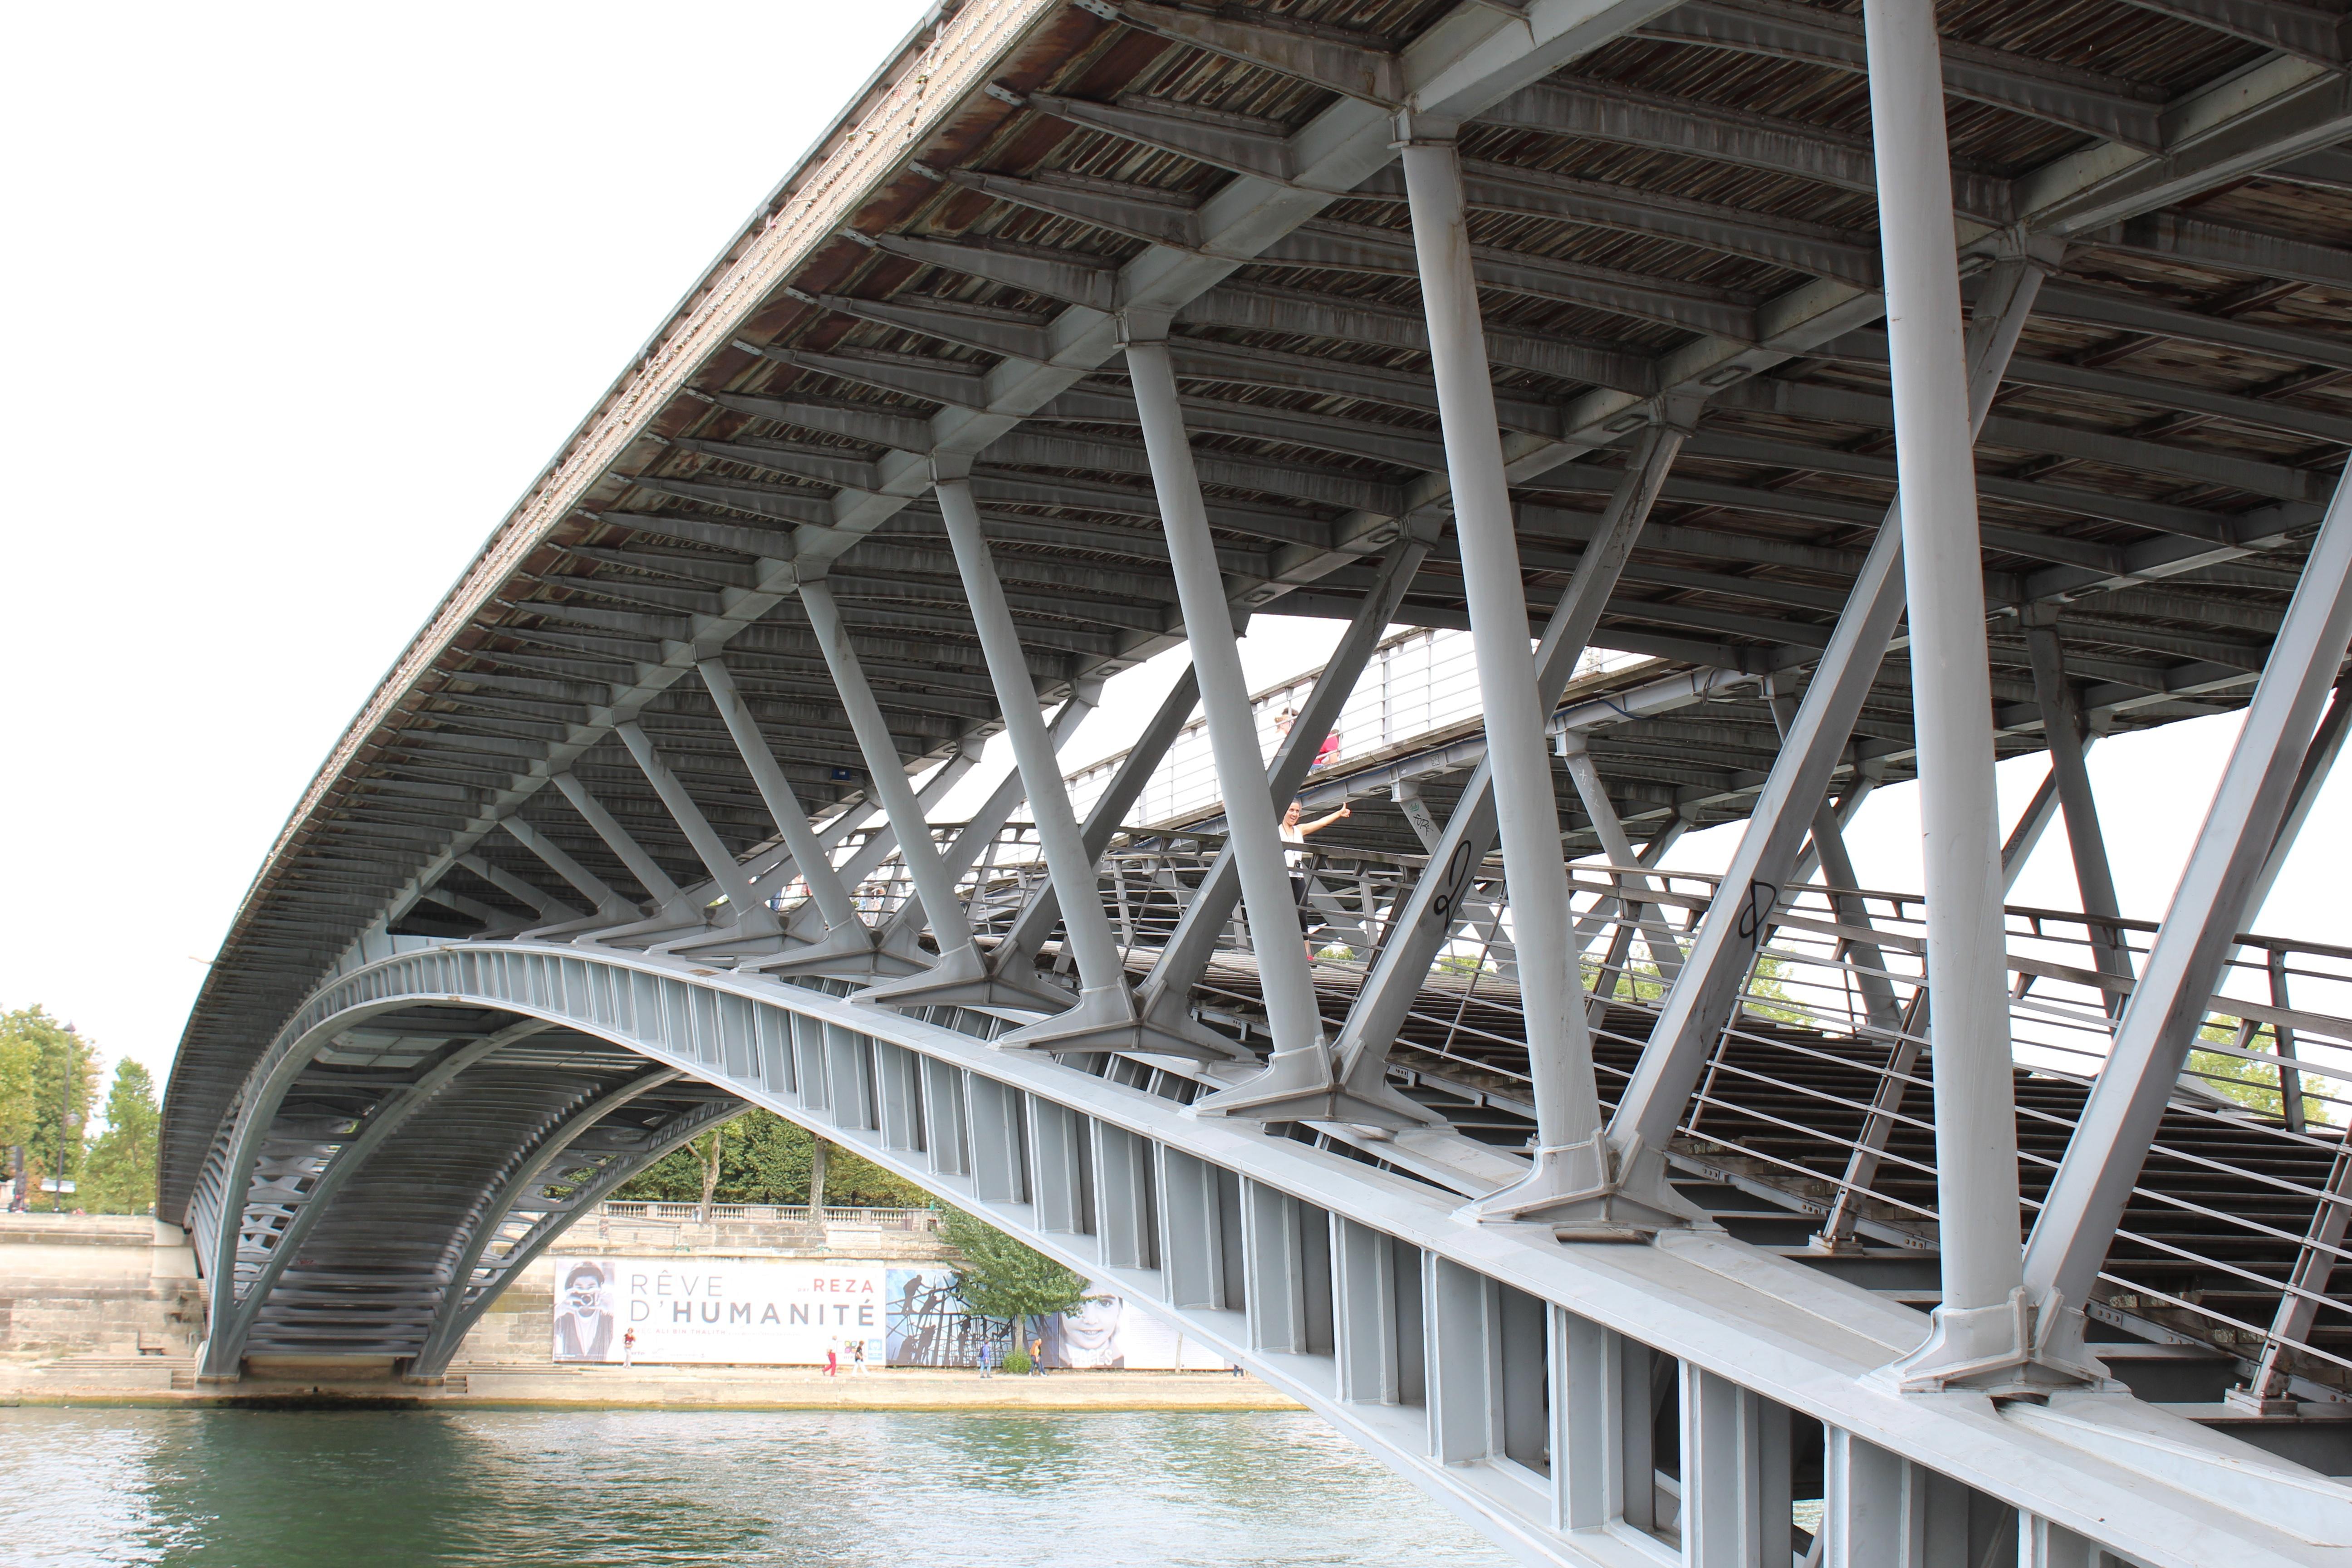 Free Images : overpass, stadium, arch bridge, truss bridge ...